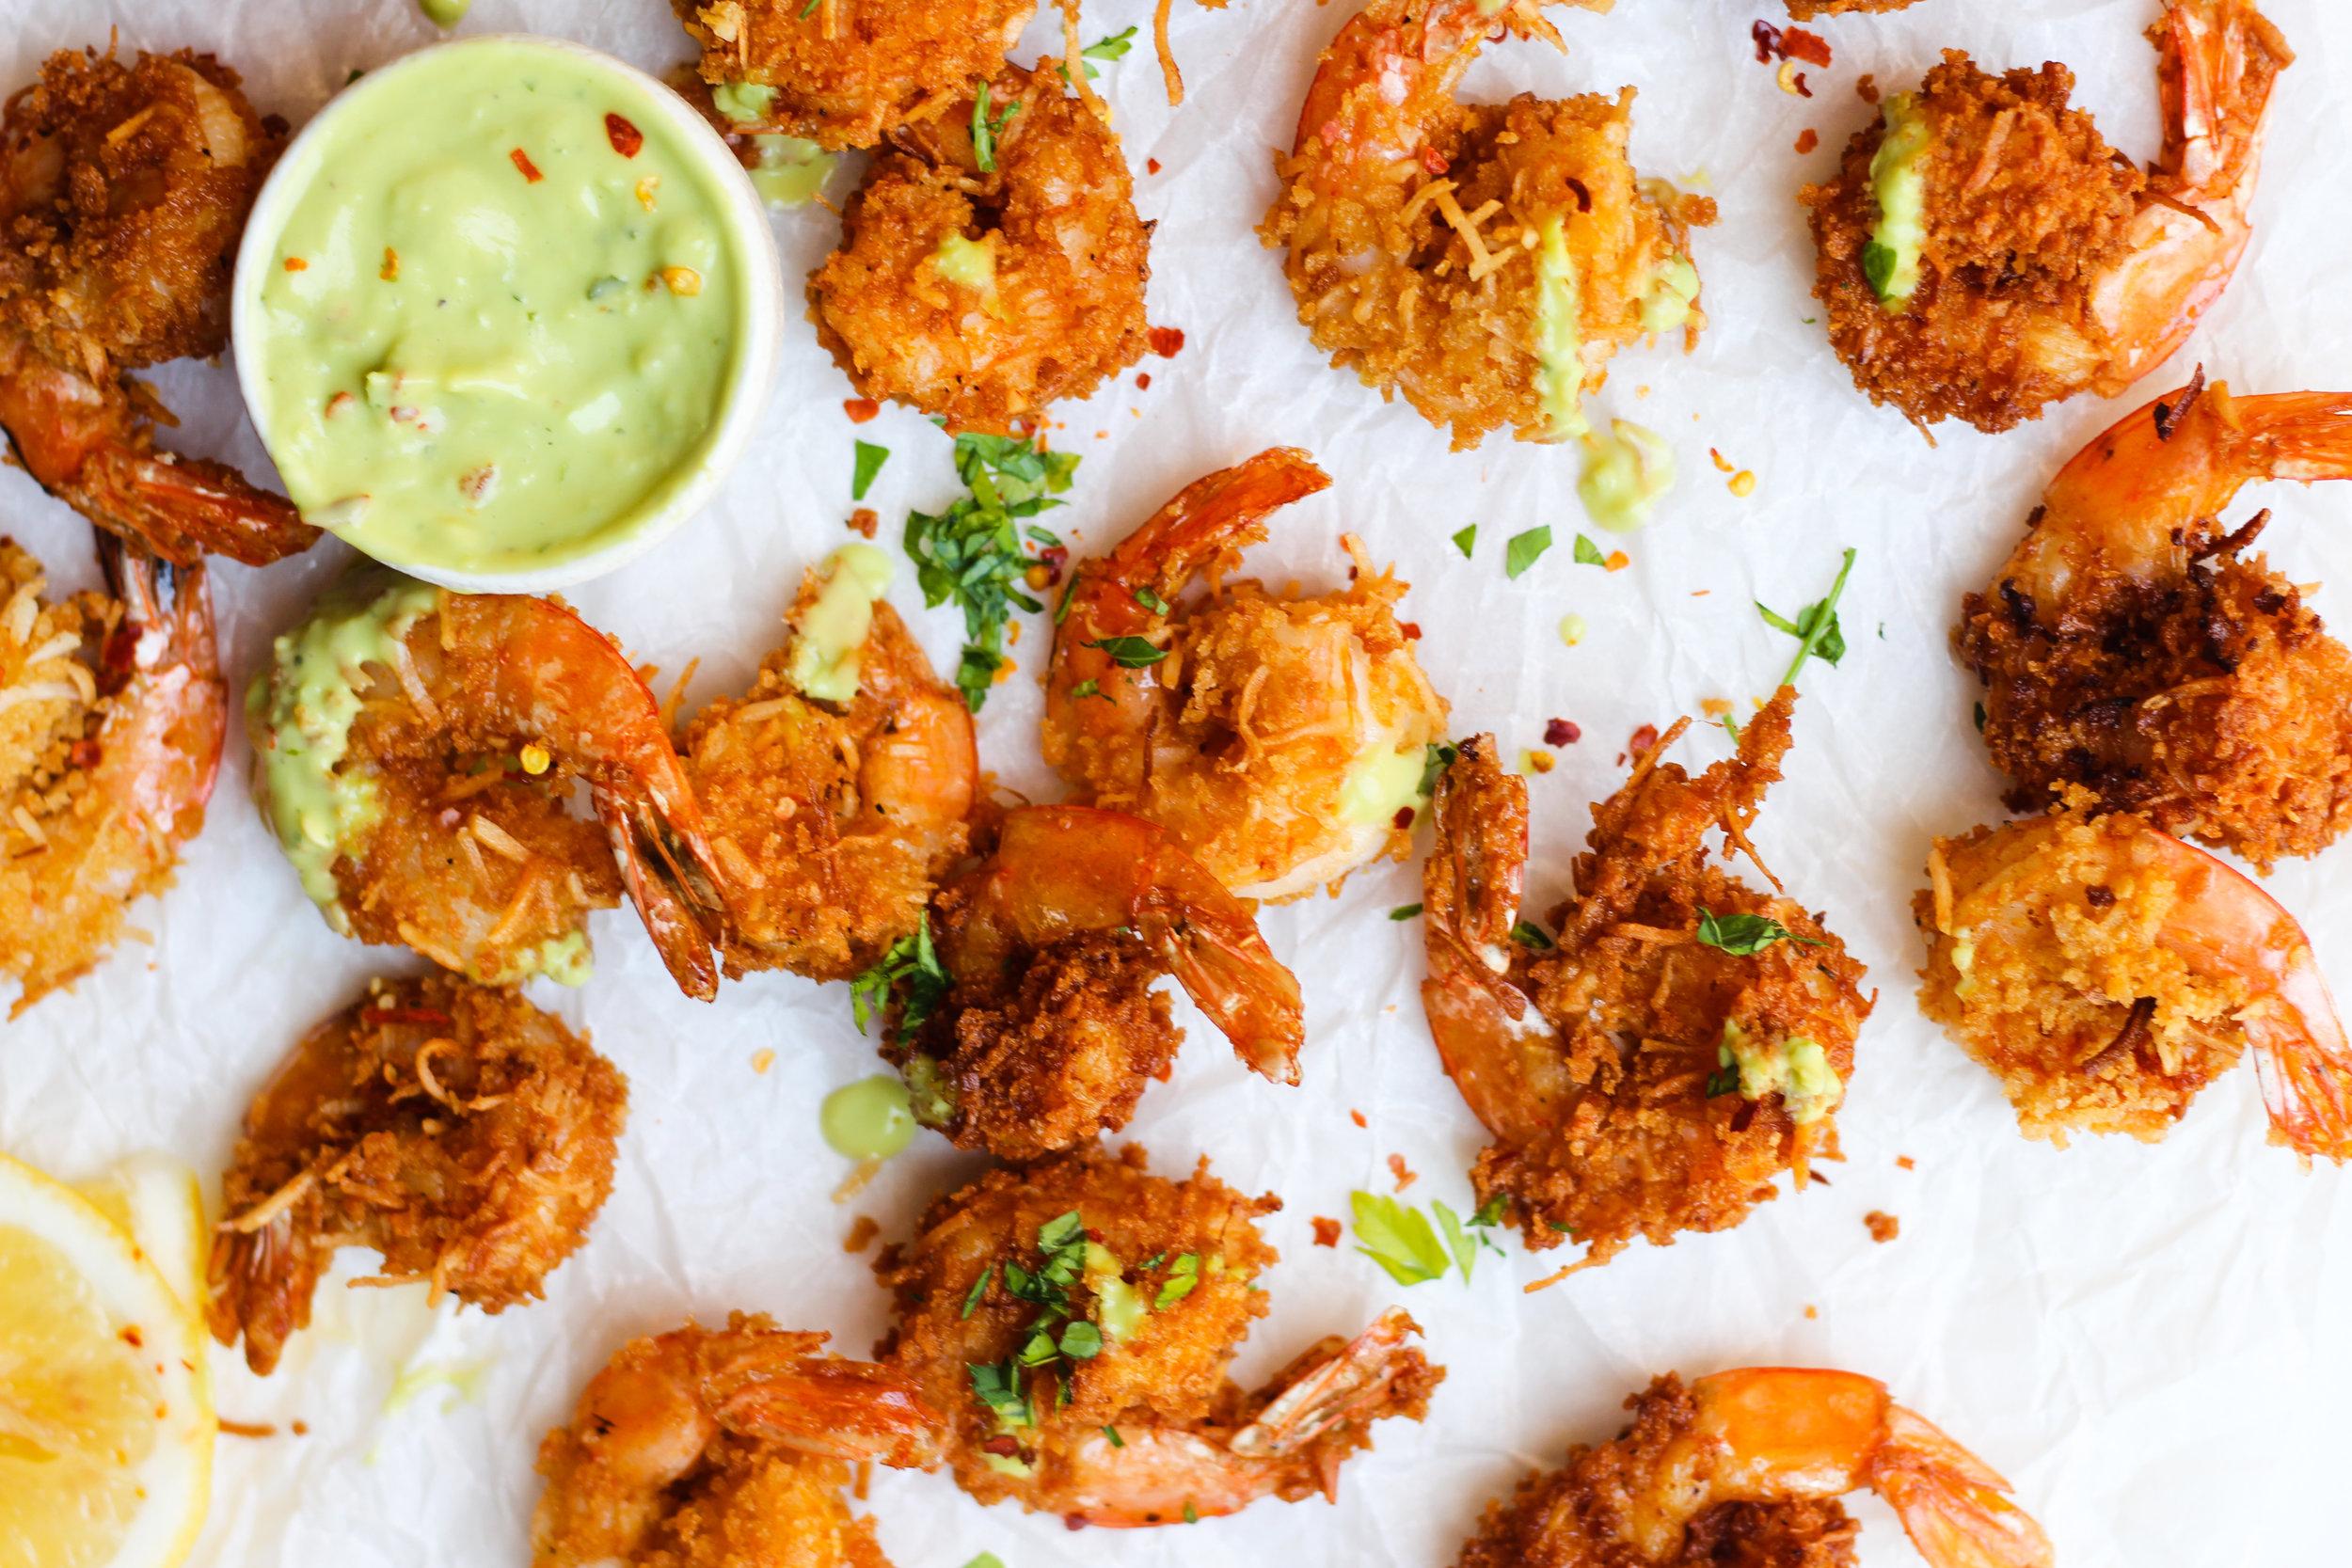 Coconut Shrimp With Avocado Hot Sauce